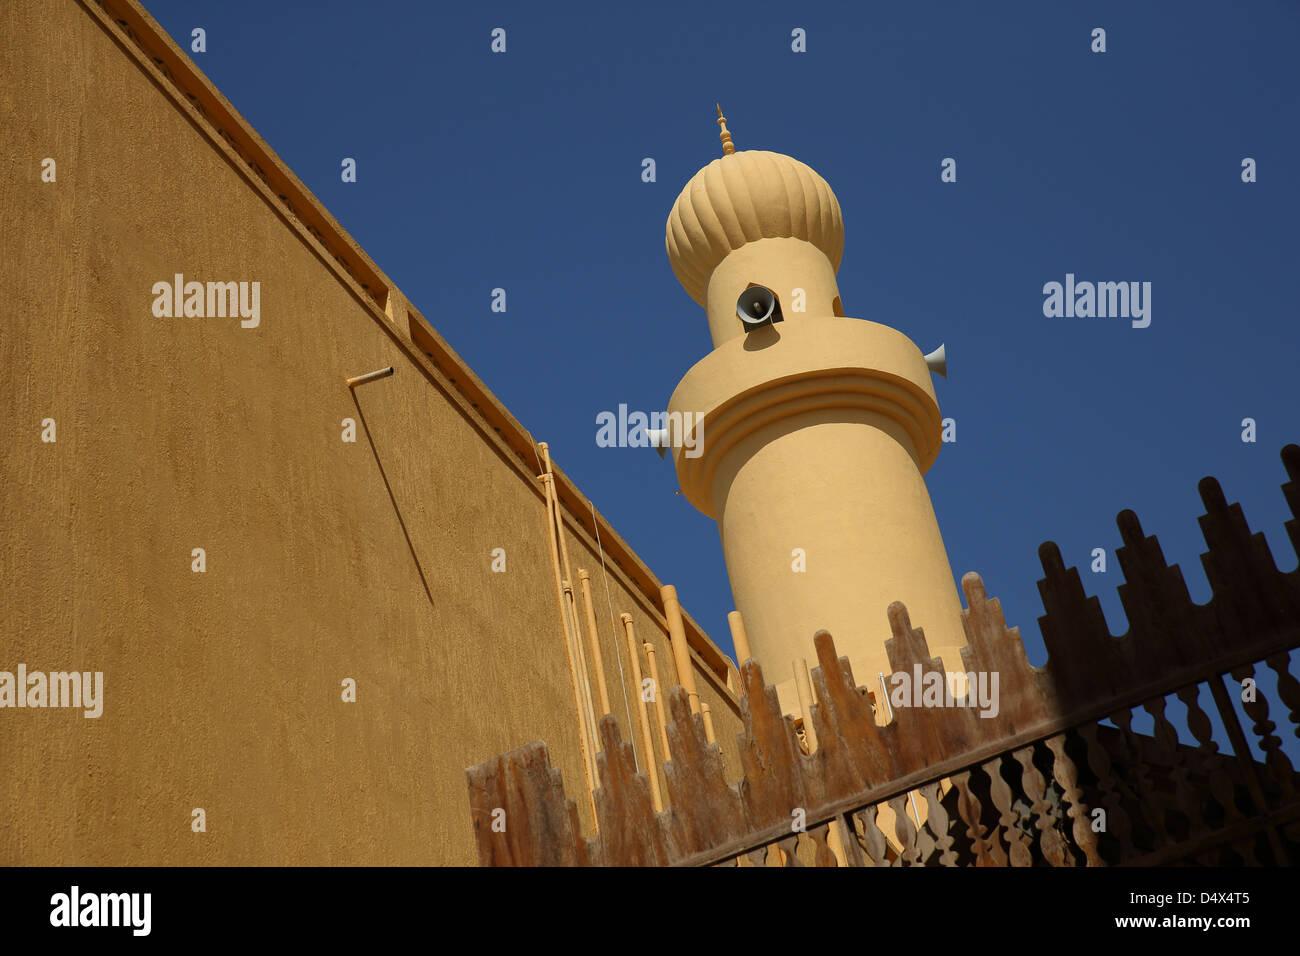 Turm der Moschee mit Lautsprechern, Dubai, Vereinigte Arabische Emirate Stockfoto